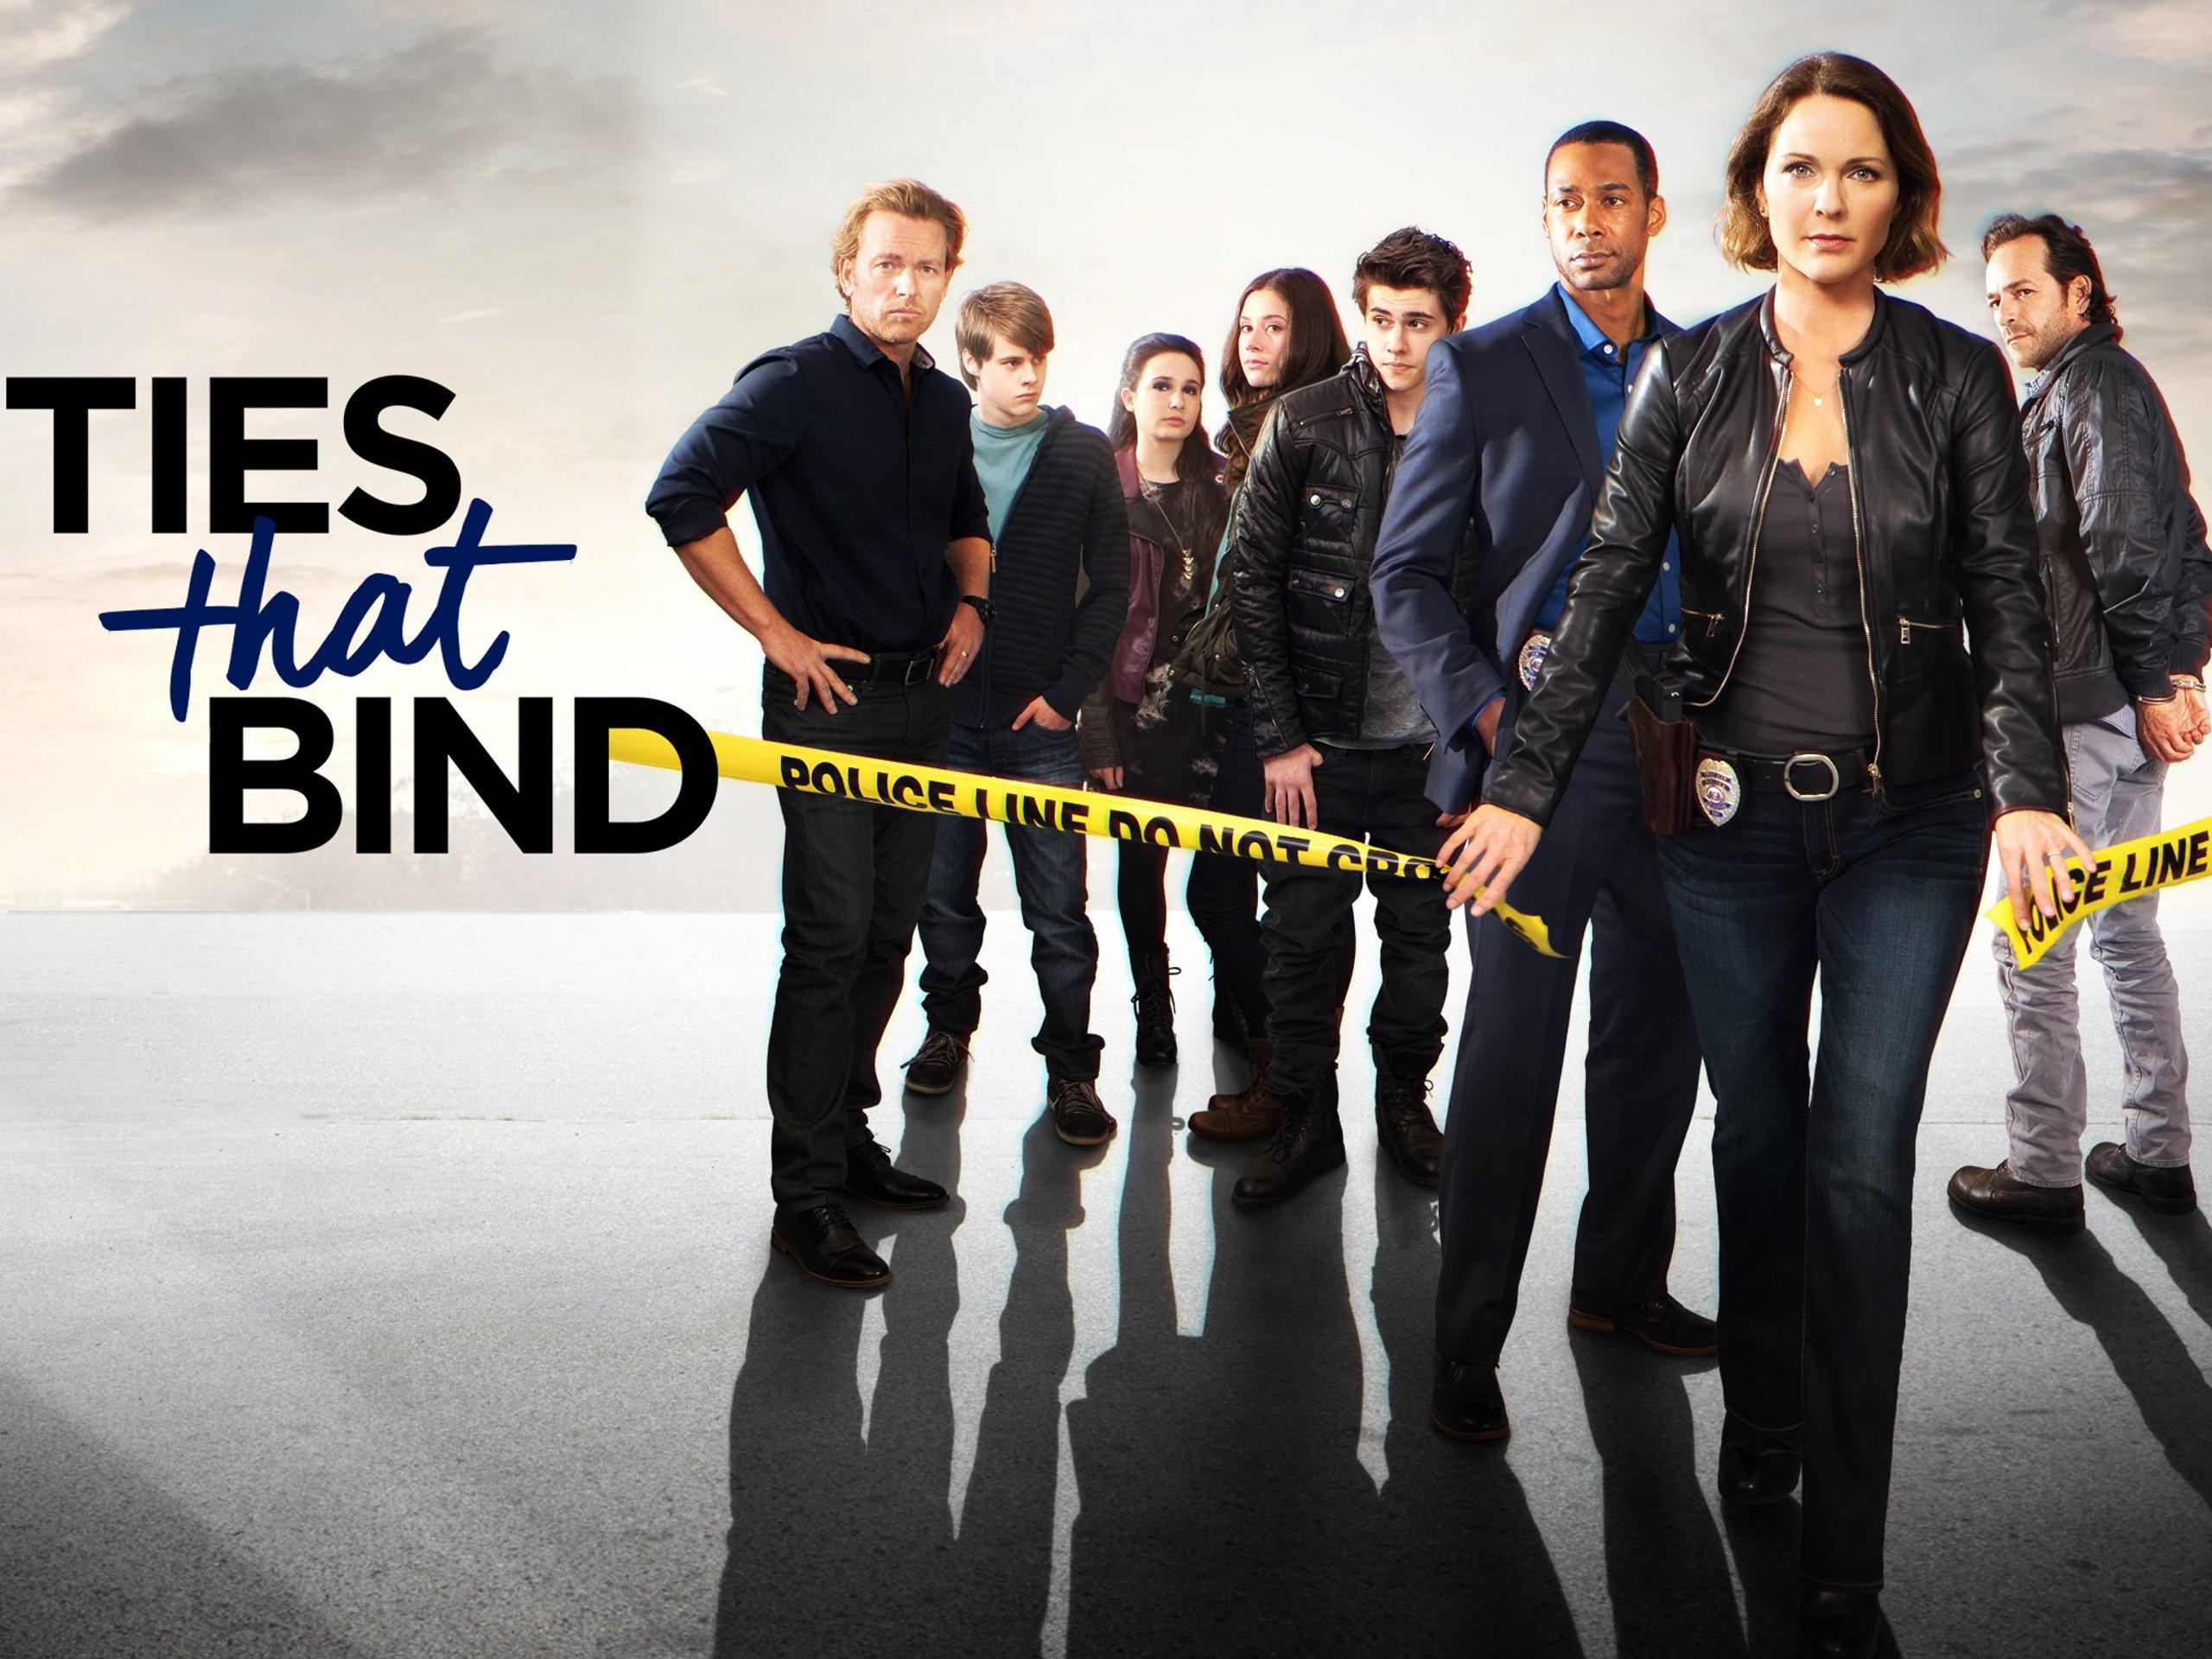 watch ties that bind movie online free